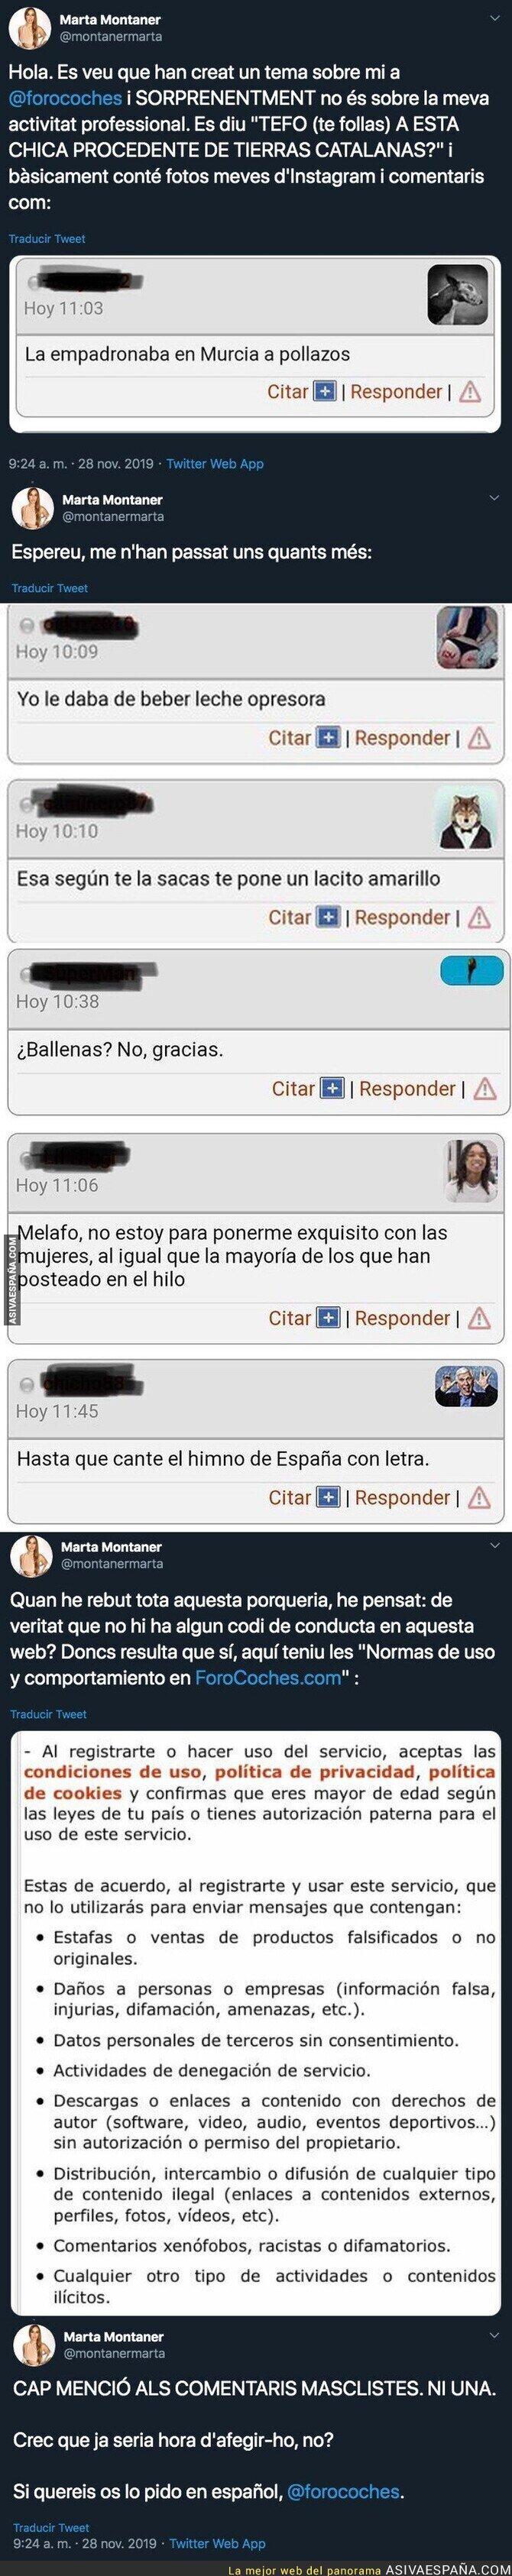 128530 - Los insultos repugnantes y terribles que está recibiendo por parte de 'Forocoches' esta periodista de 'Catalunya Radio'